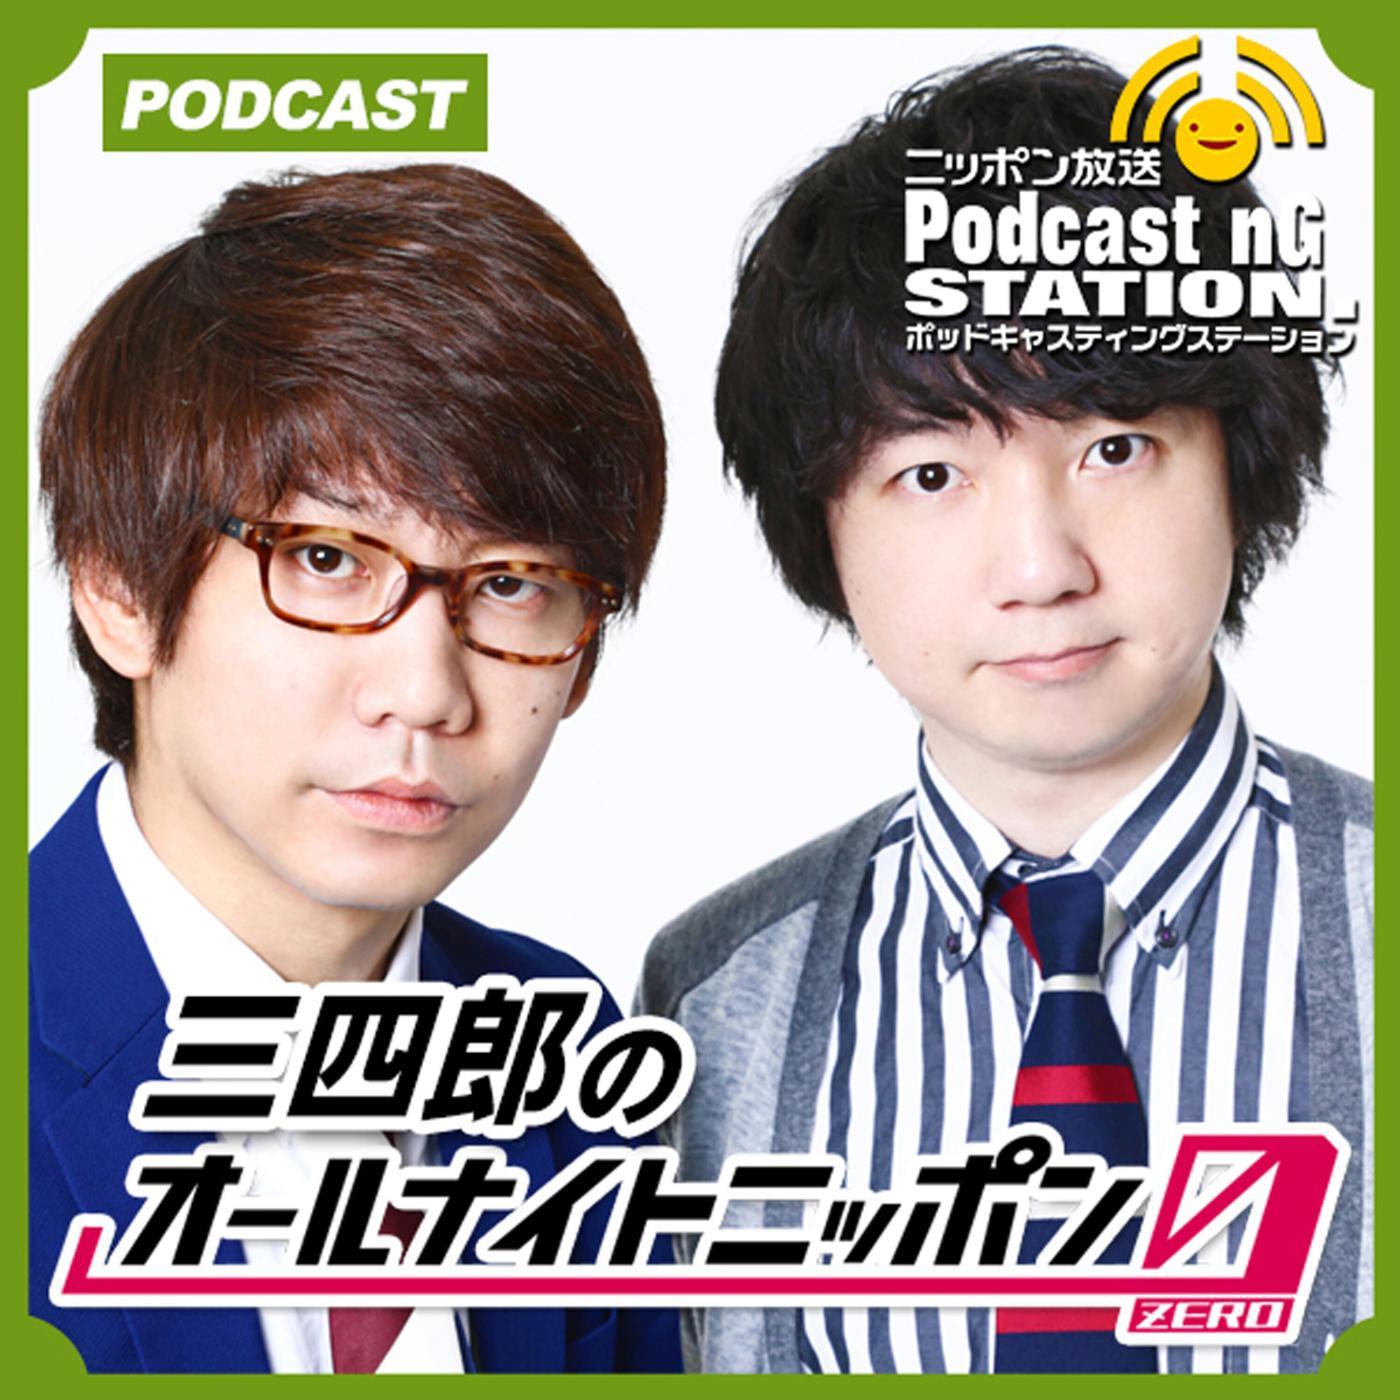 放送 ポッドキャスト ニッポン